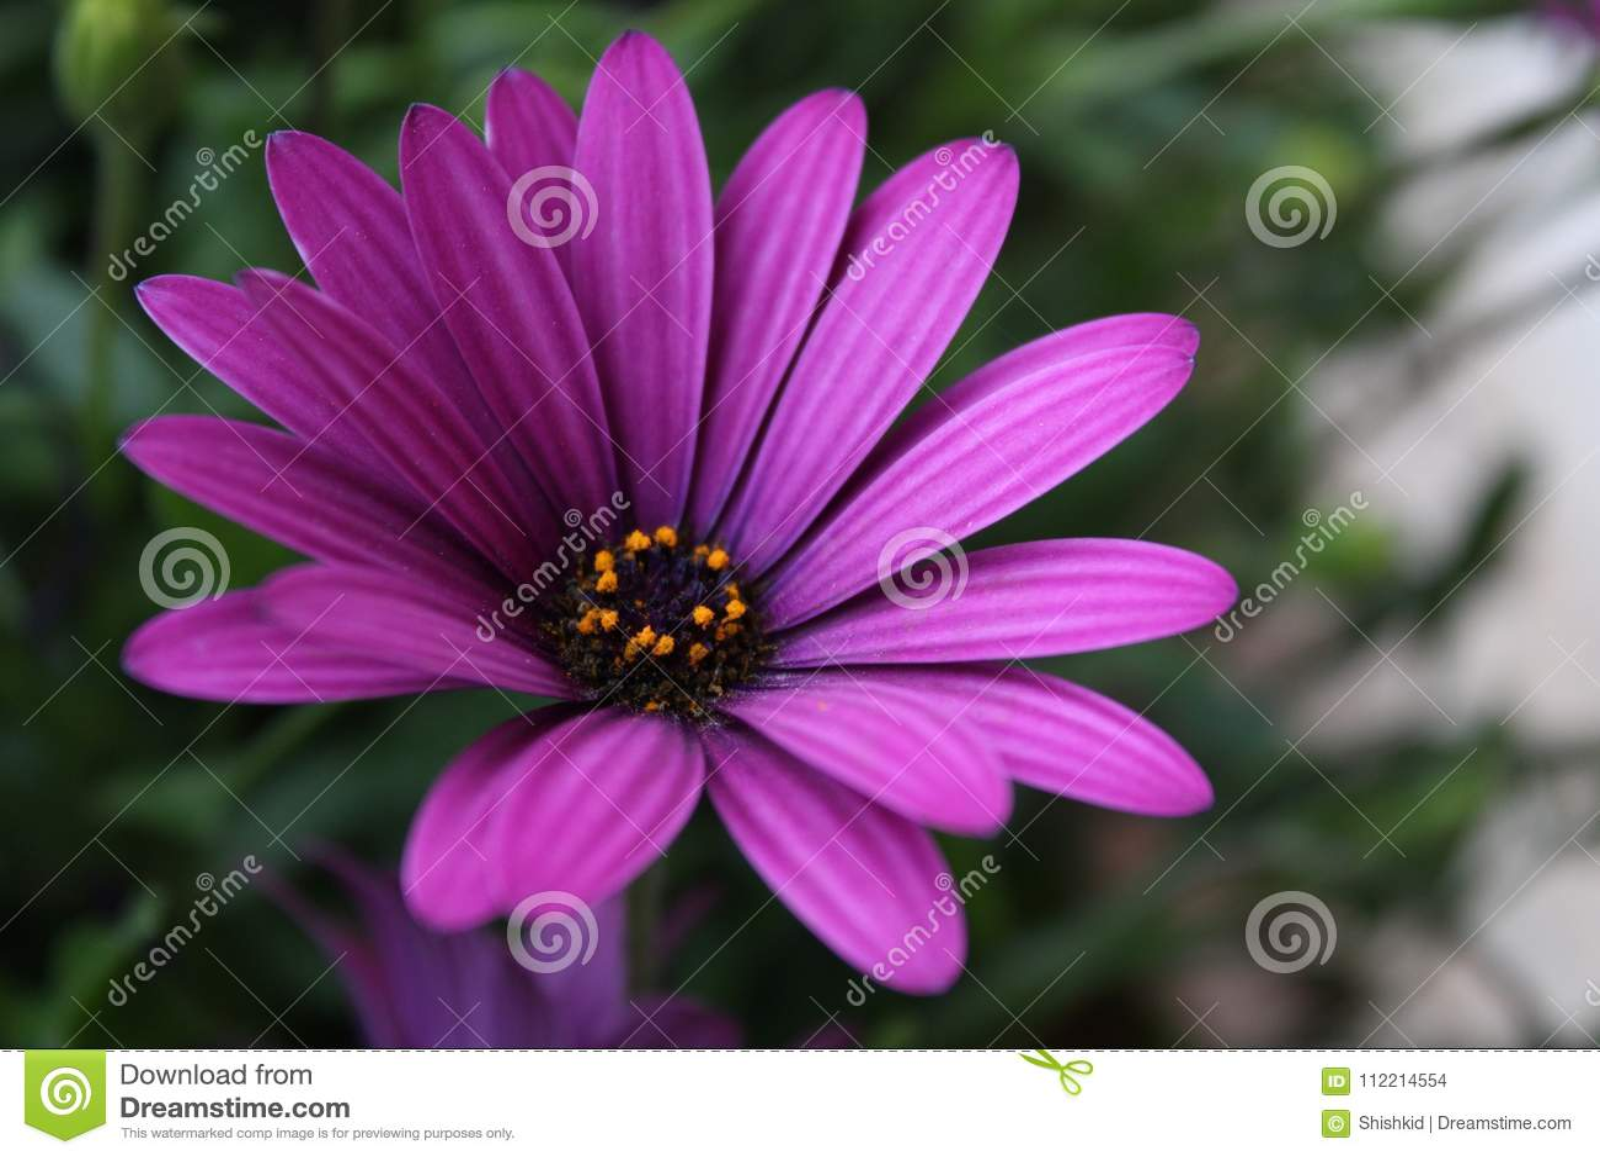 Fermez Vous Vers Le Haut De La Fleur Violette De Marguerite